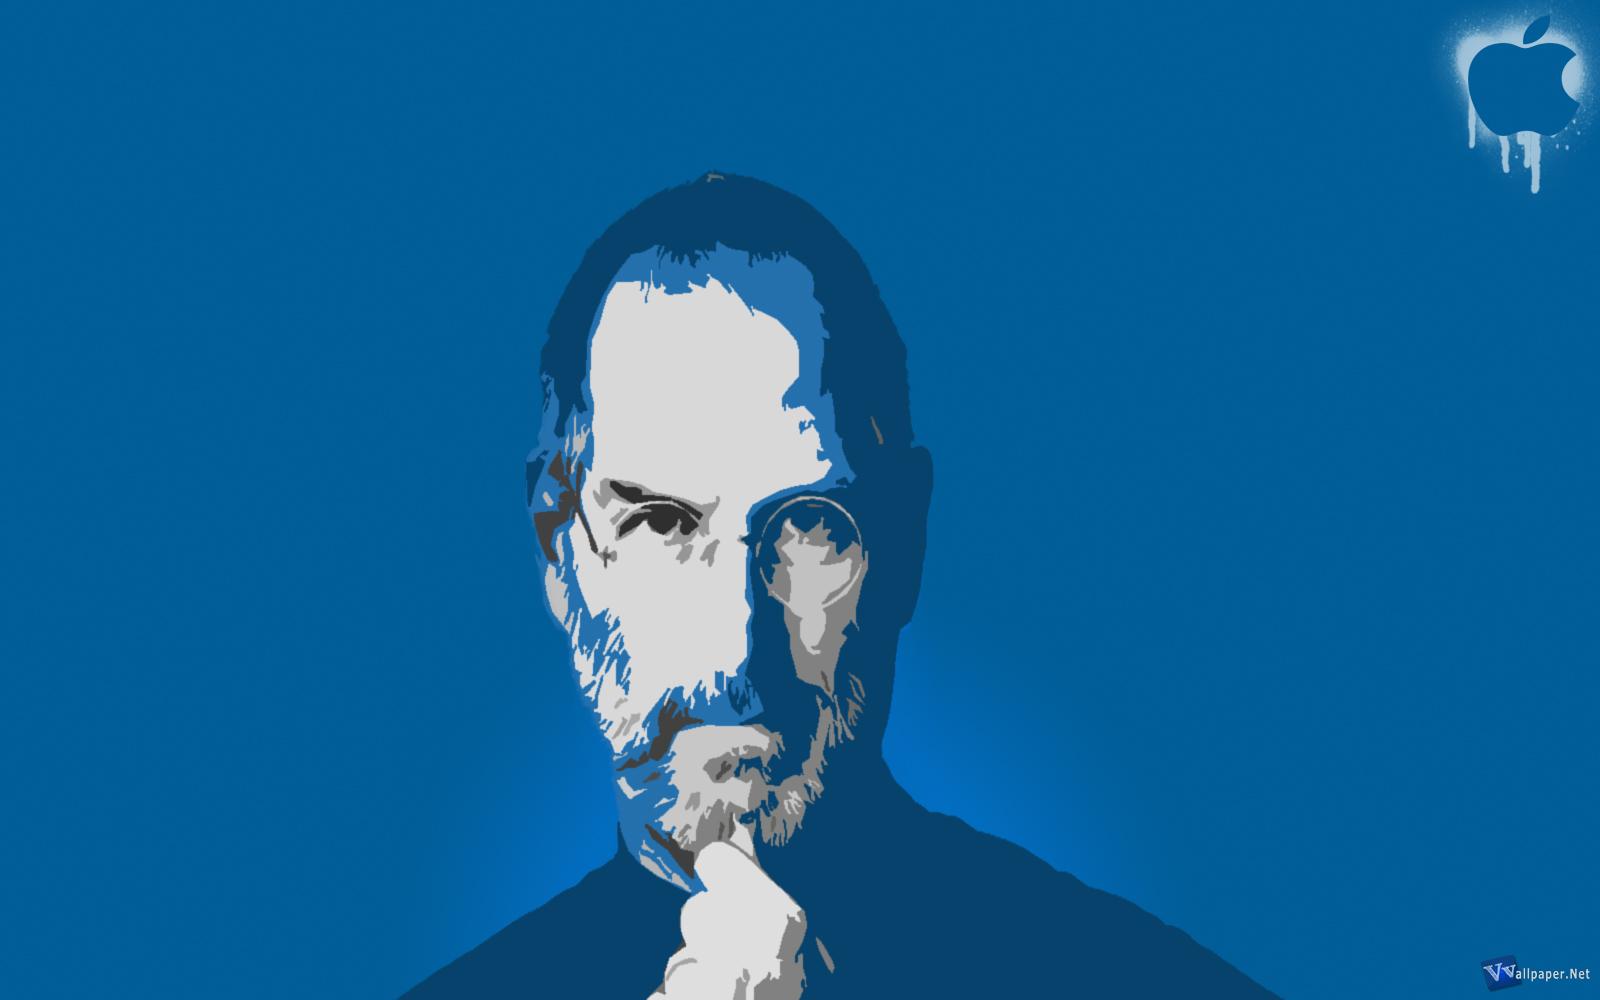 http://3.bp.blogspot.com/-UkgS9GuYQXQ/To2LWgXXlqI/AAAAAAAADXQ/NCr4wW7zJz0/s1600/Steve_Jobs_HD_Desktop_Wallpaper_Vvallpaper.Net.jpg